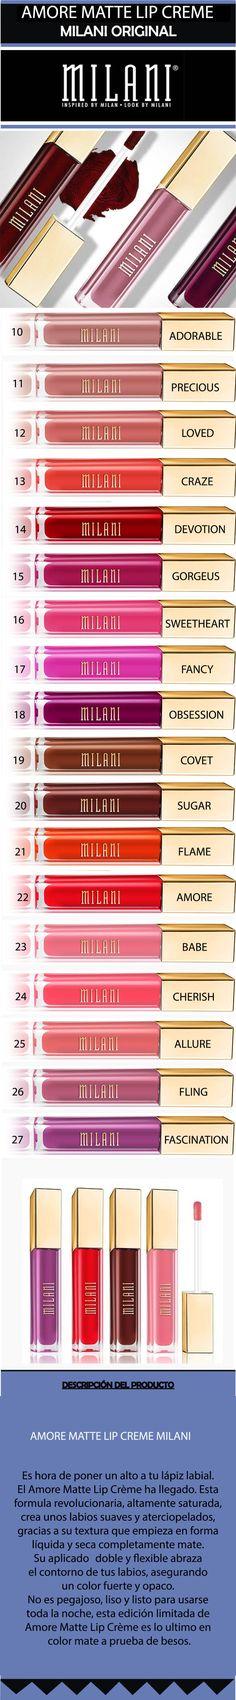 Kit 4 Labiales Amore Matte Lip Creme  Milani Original - $ 1.280,00